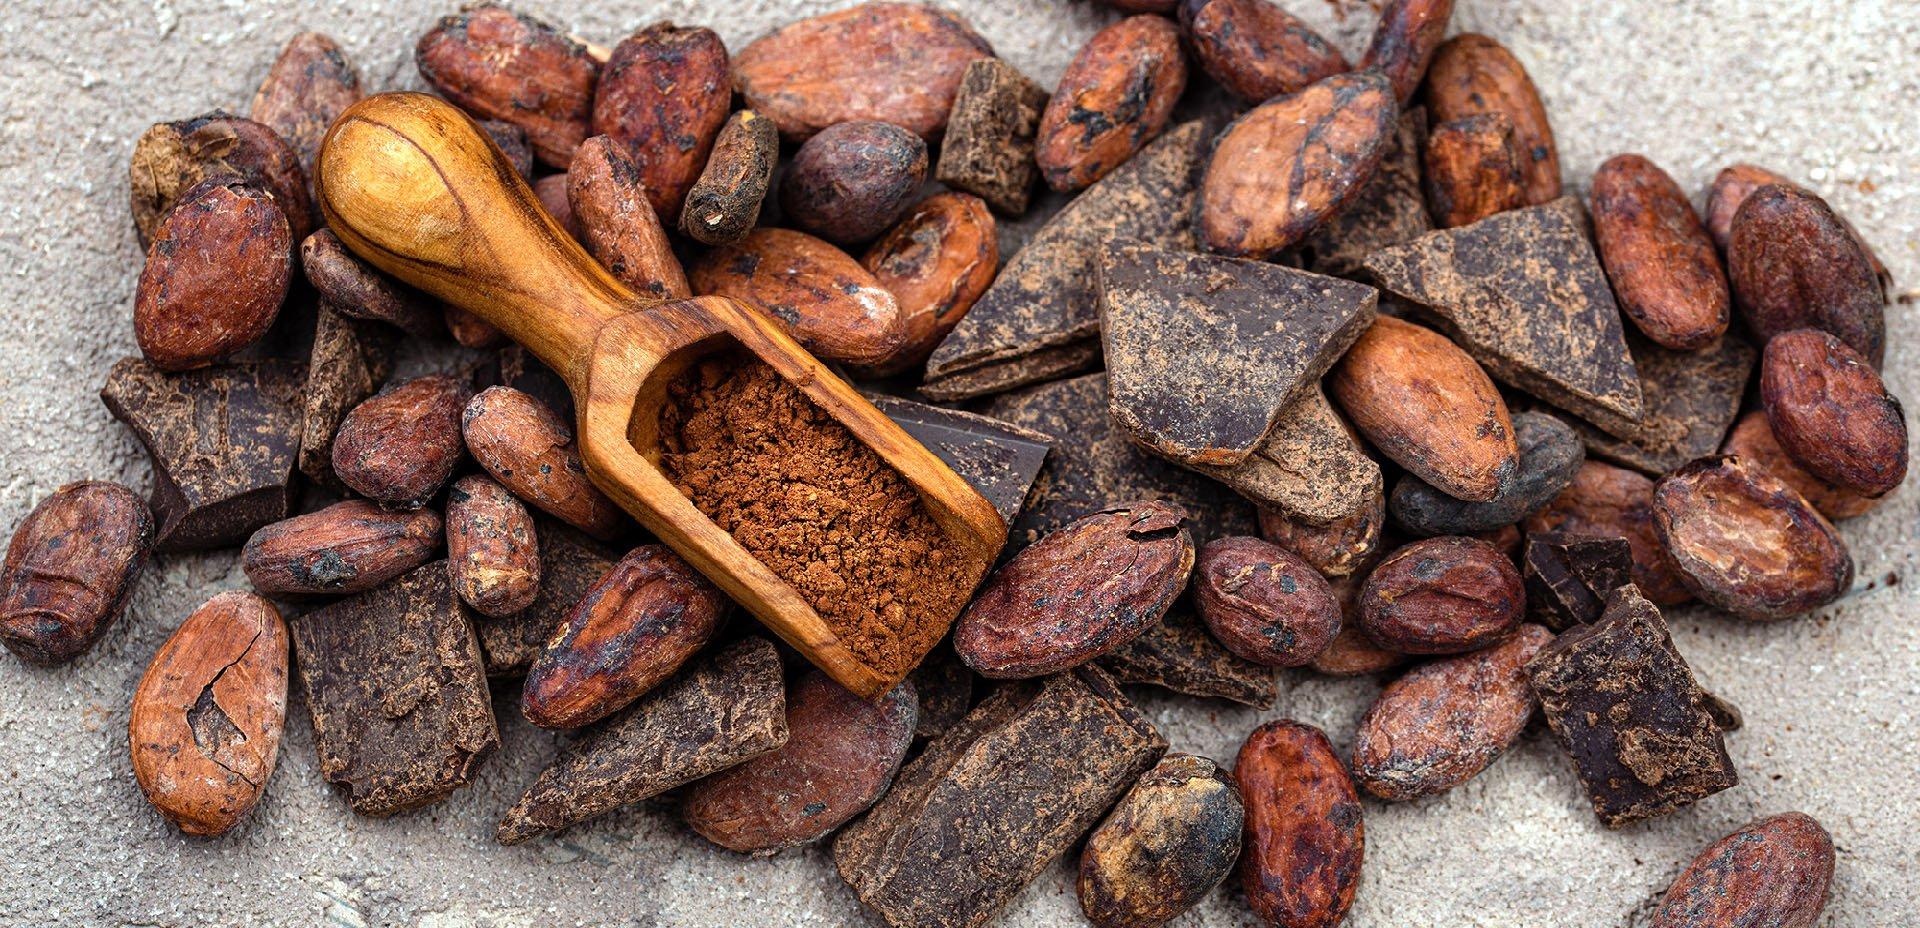 fave di cacao e cioccolato